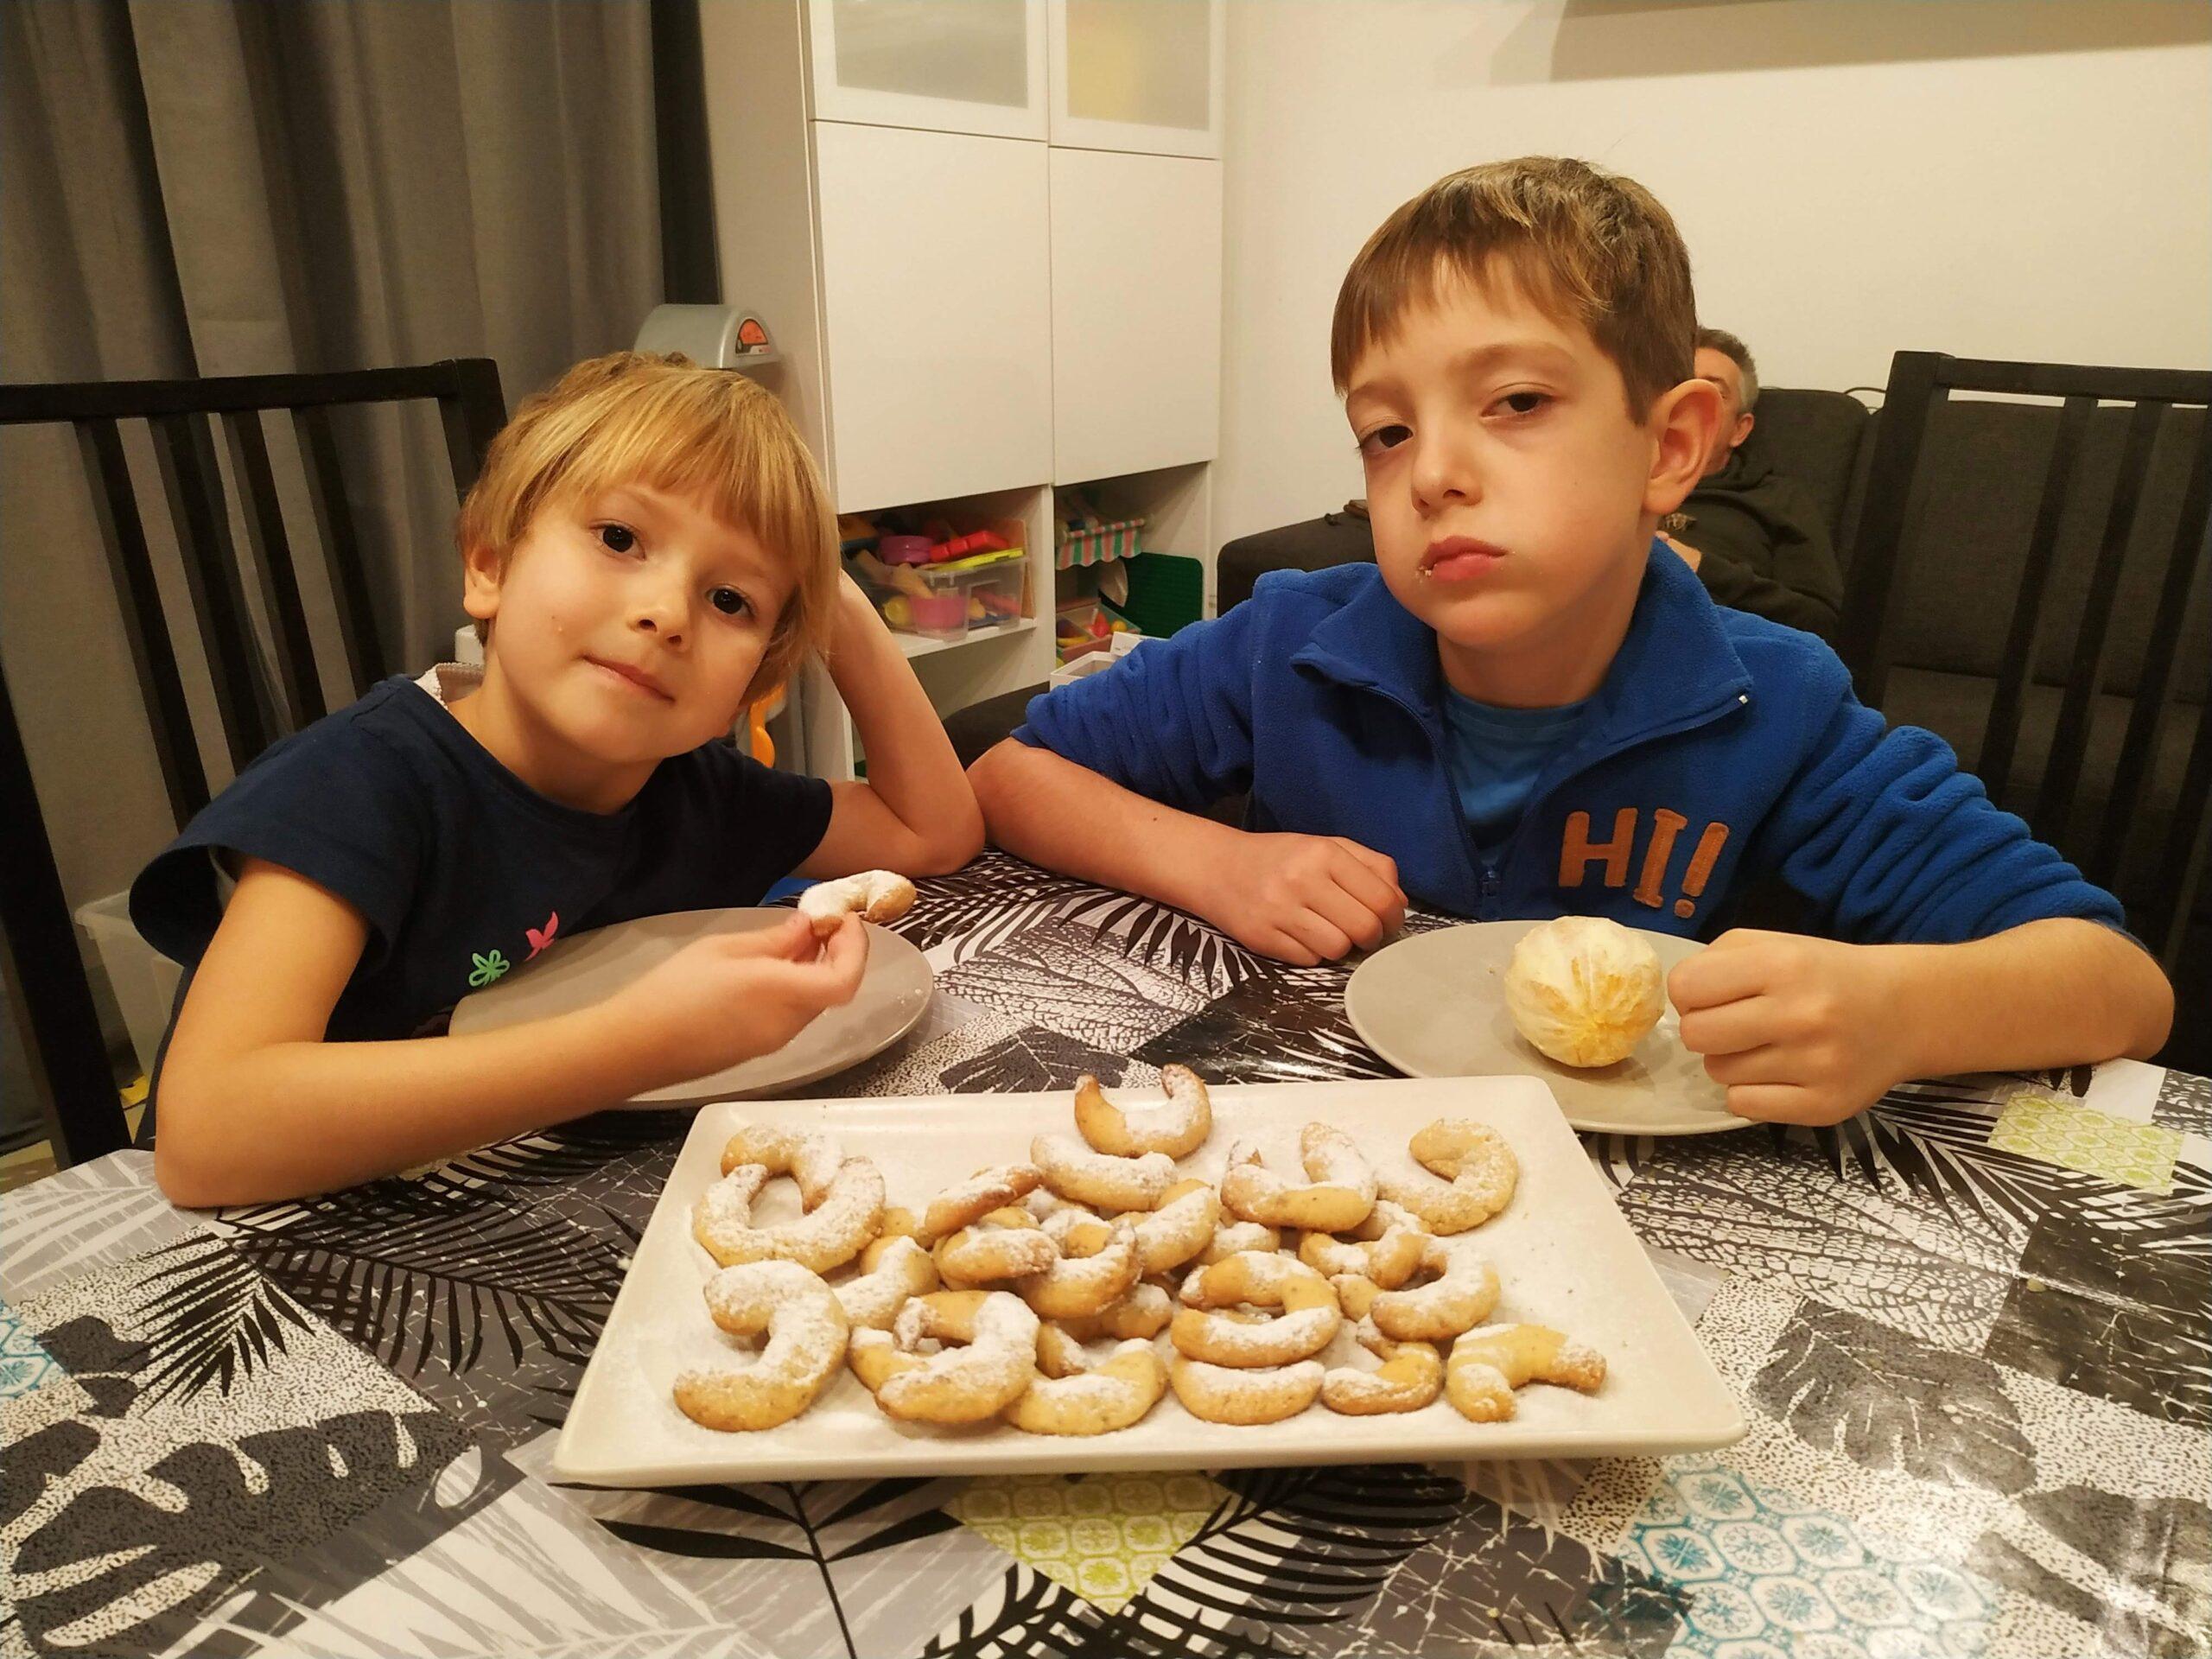 diós hókiflik, gyerekek sütnek, konyha